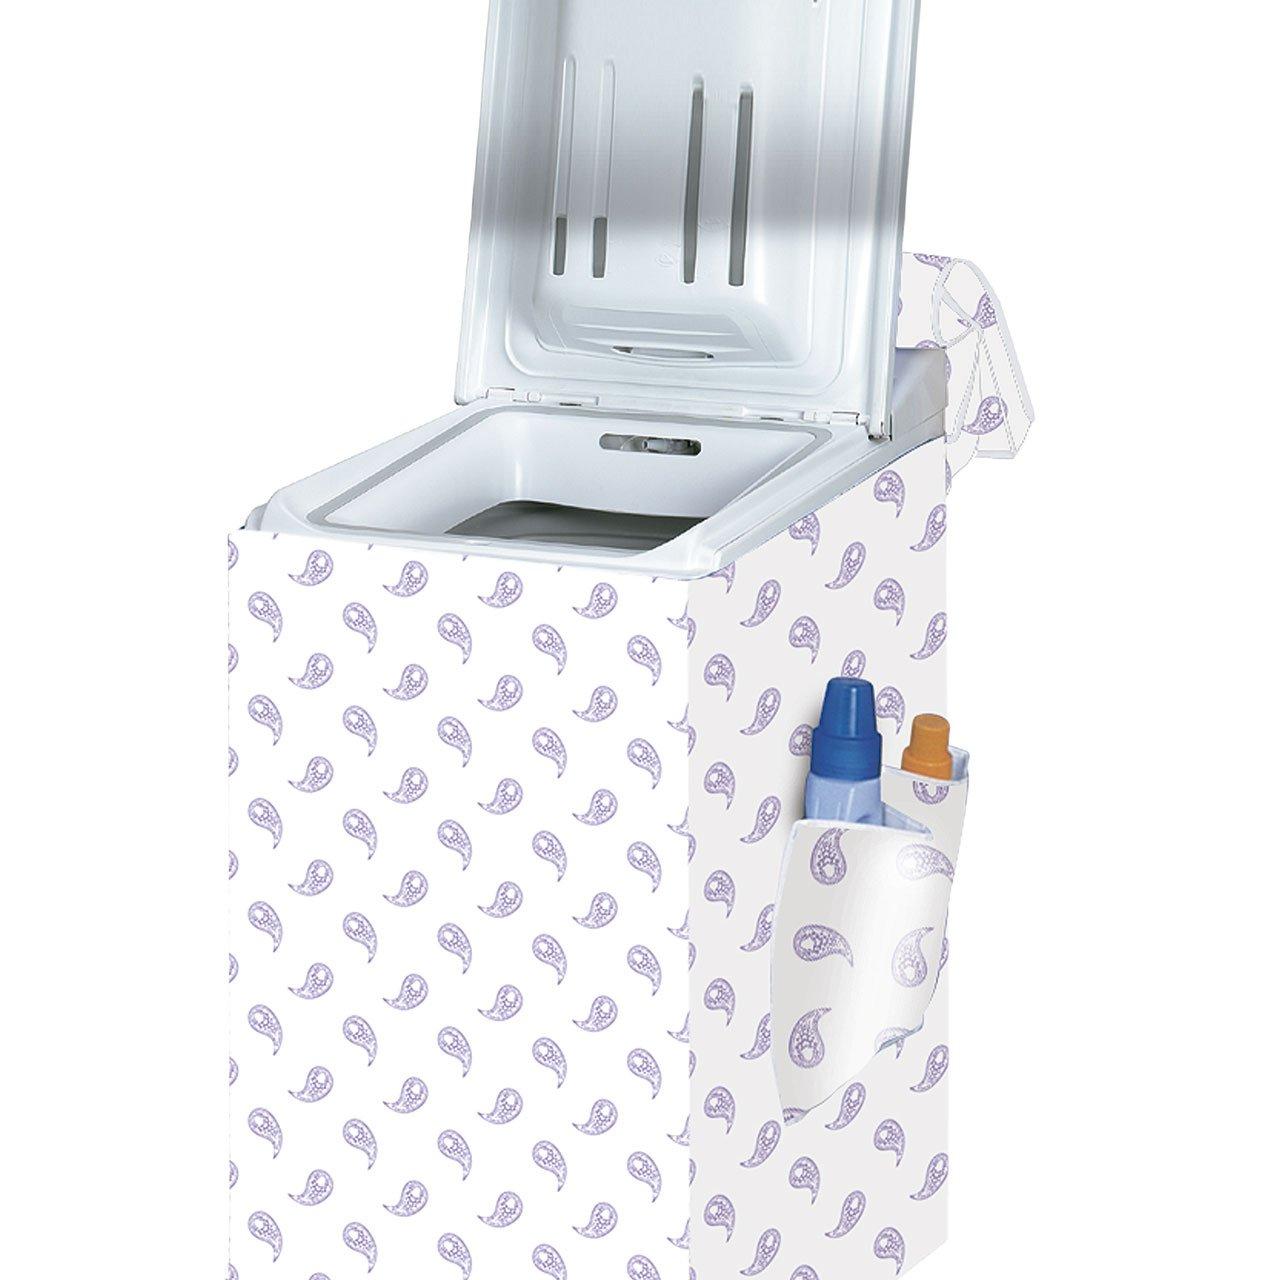 Rayen 2396 - Funda para lavadora de carga superior, 84 x 45 x 65 cm, surtido colores aleatorios   Comentarios y más información